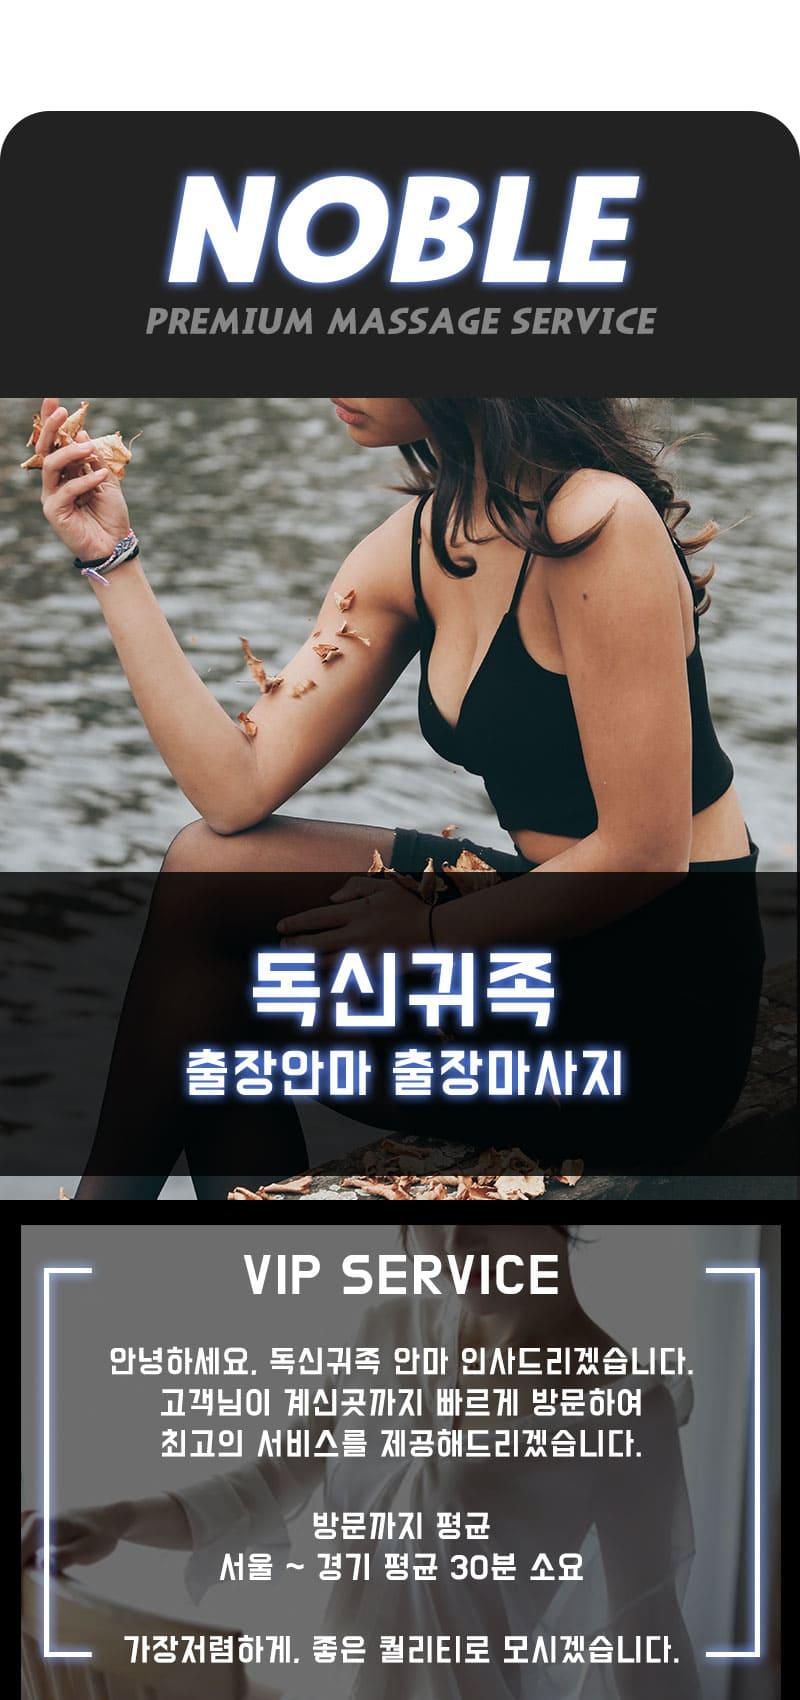 송도출장안마 소개